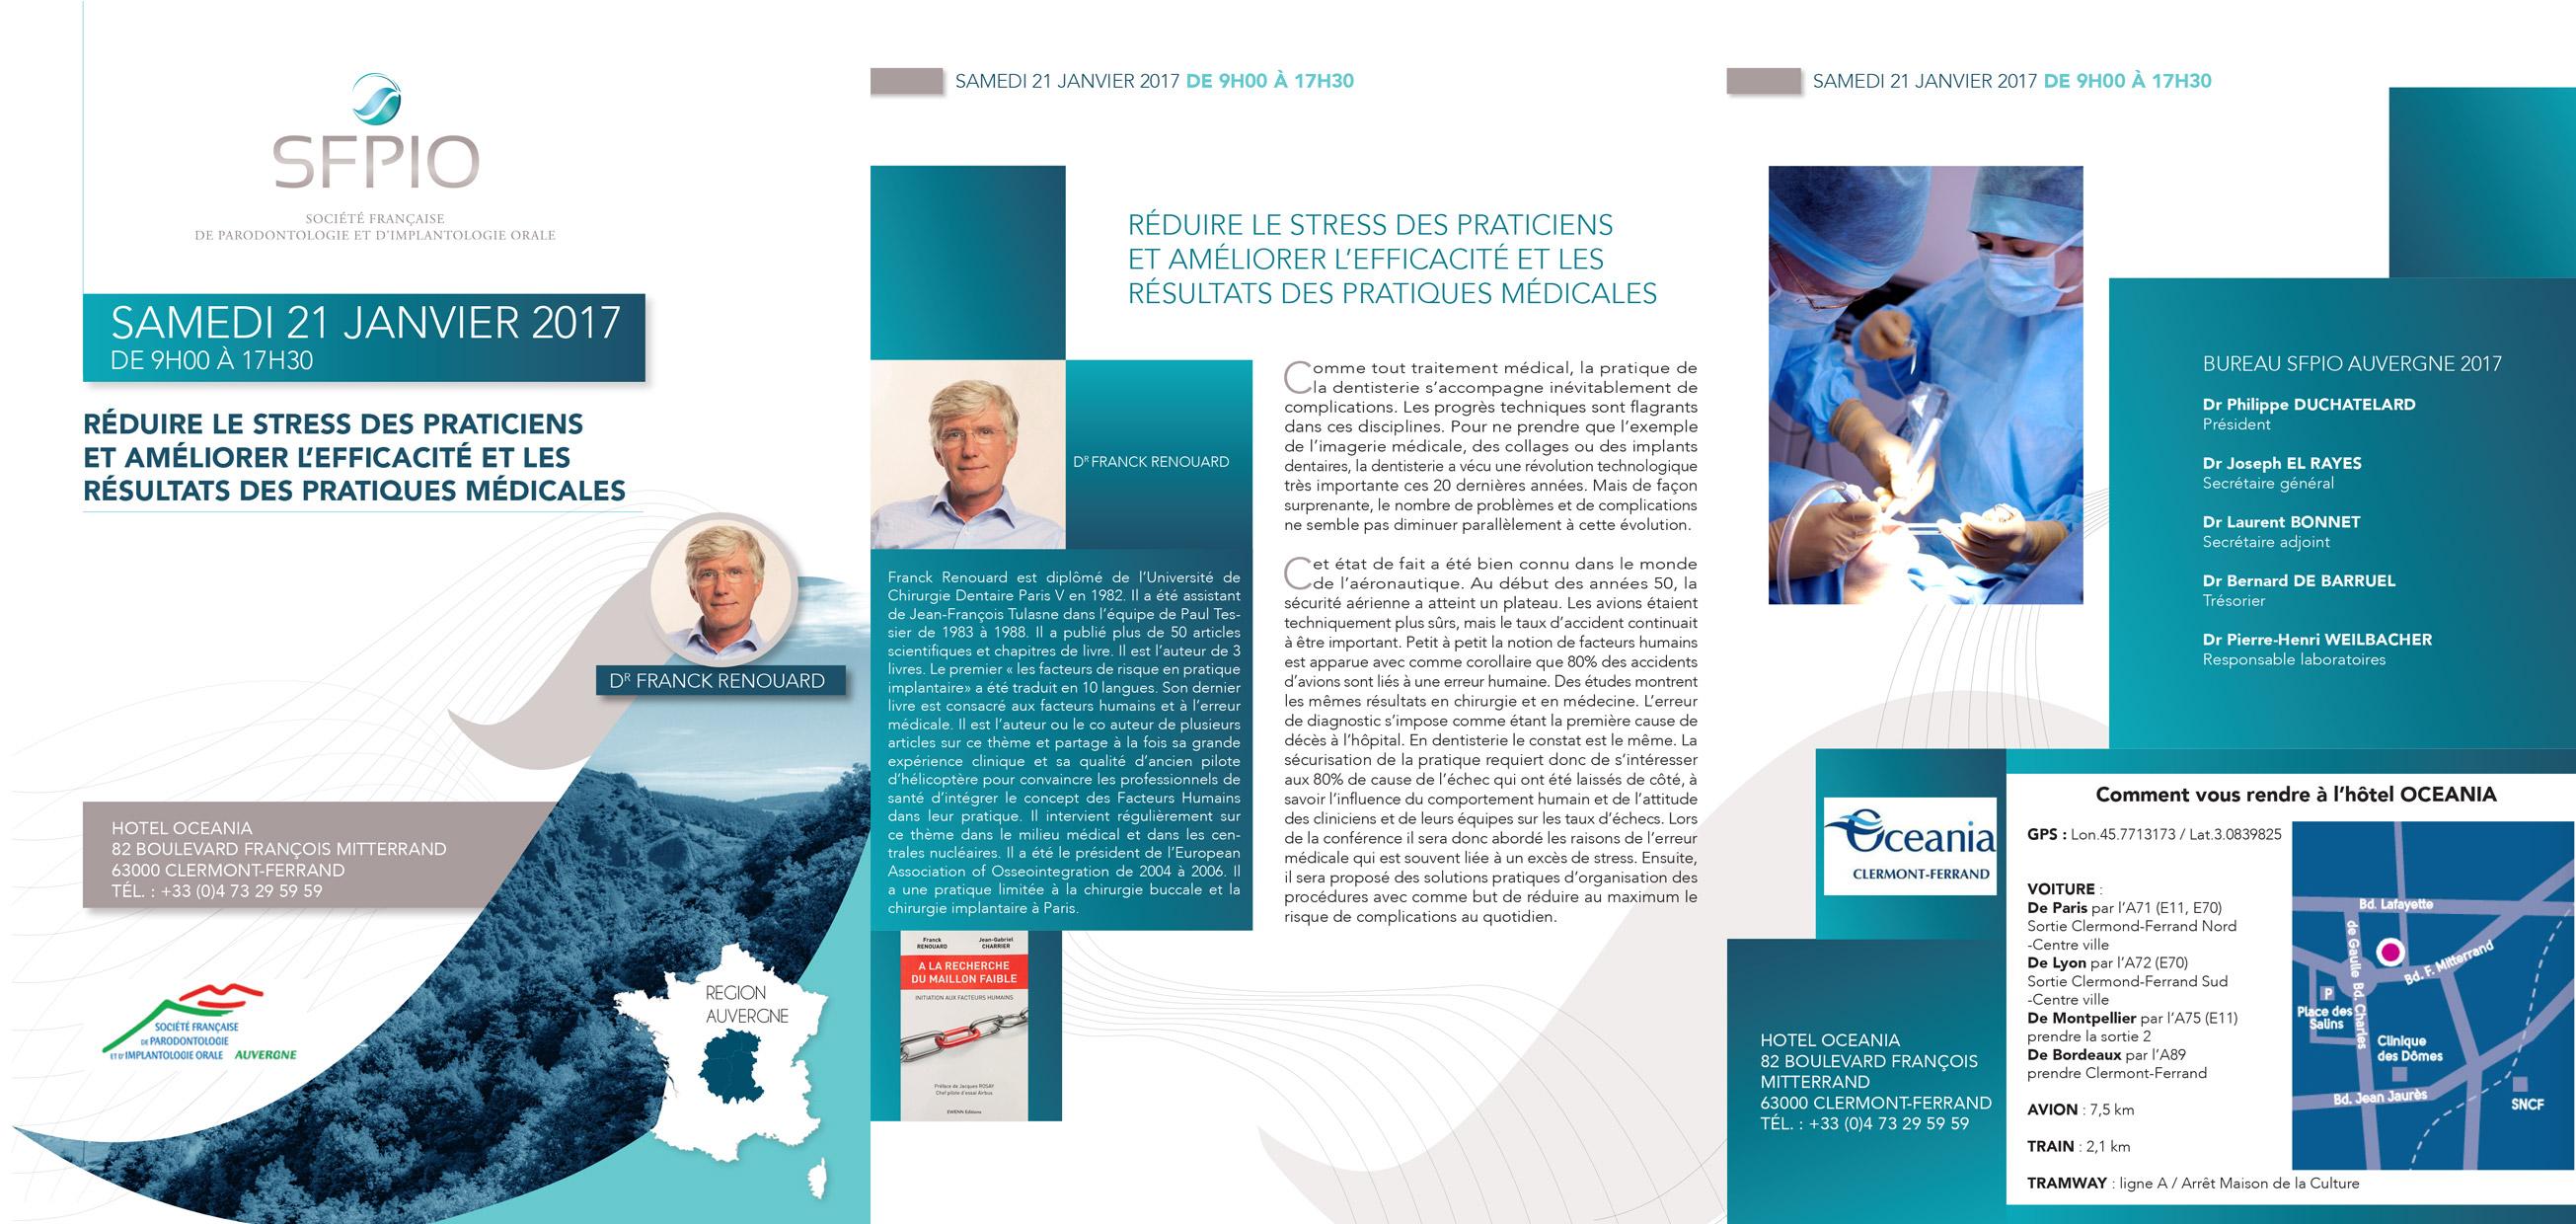 SFPIO Auvergne - réduire le stress des praticiens